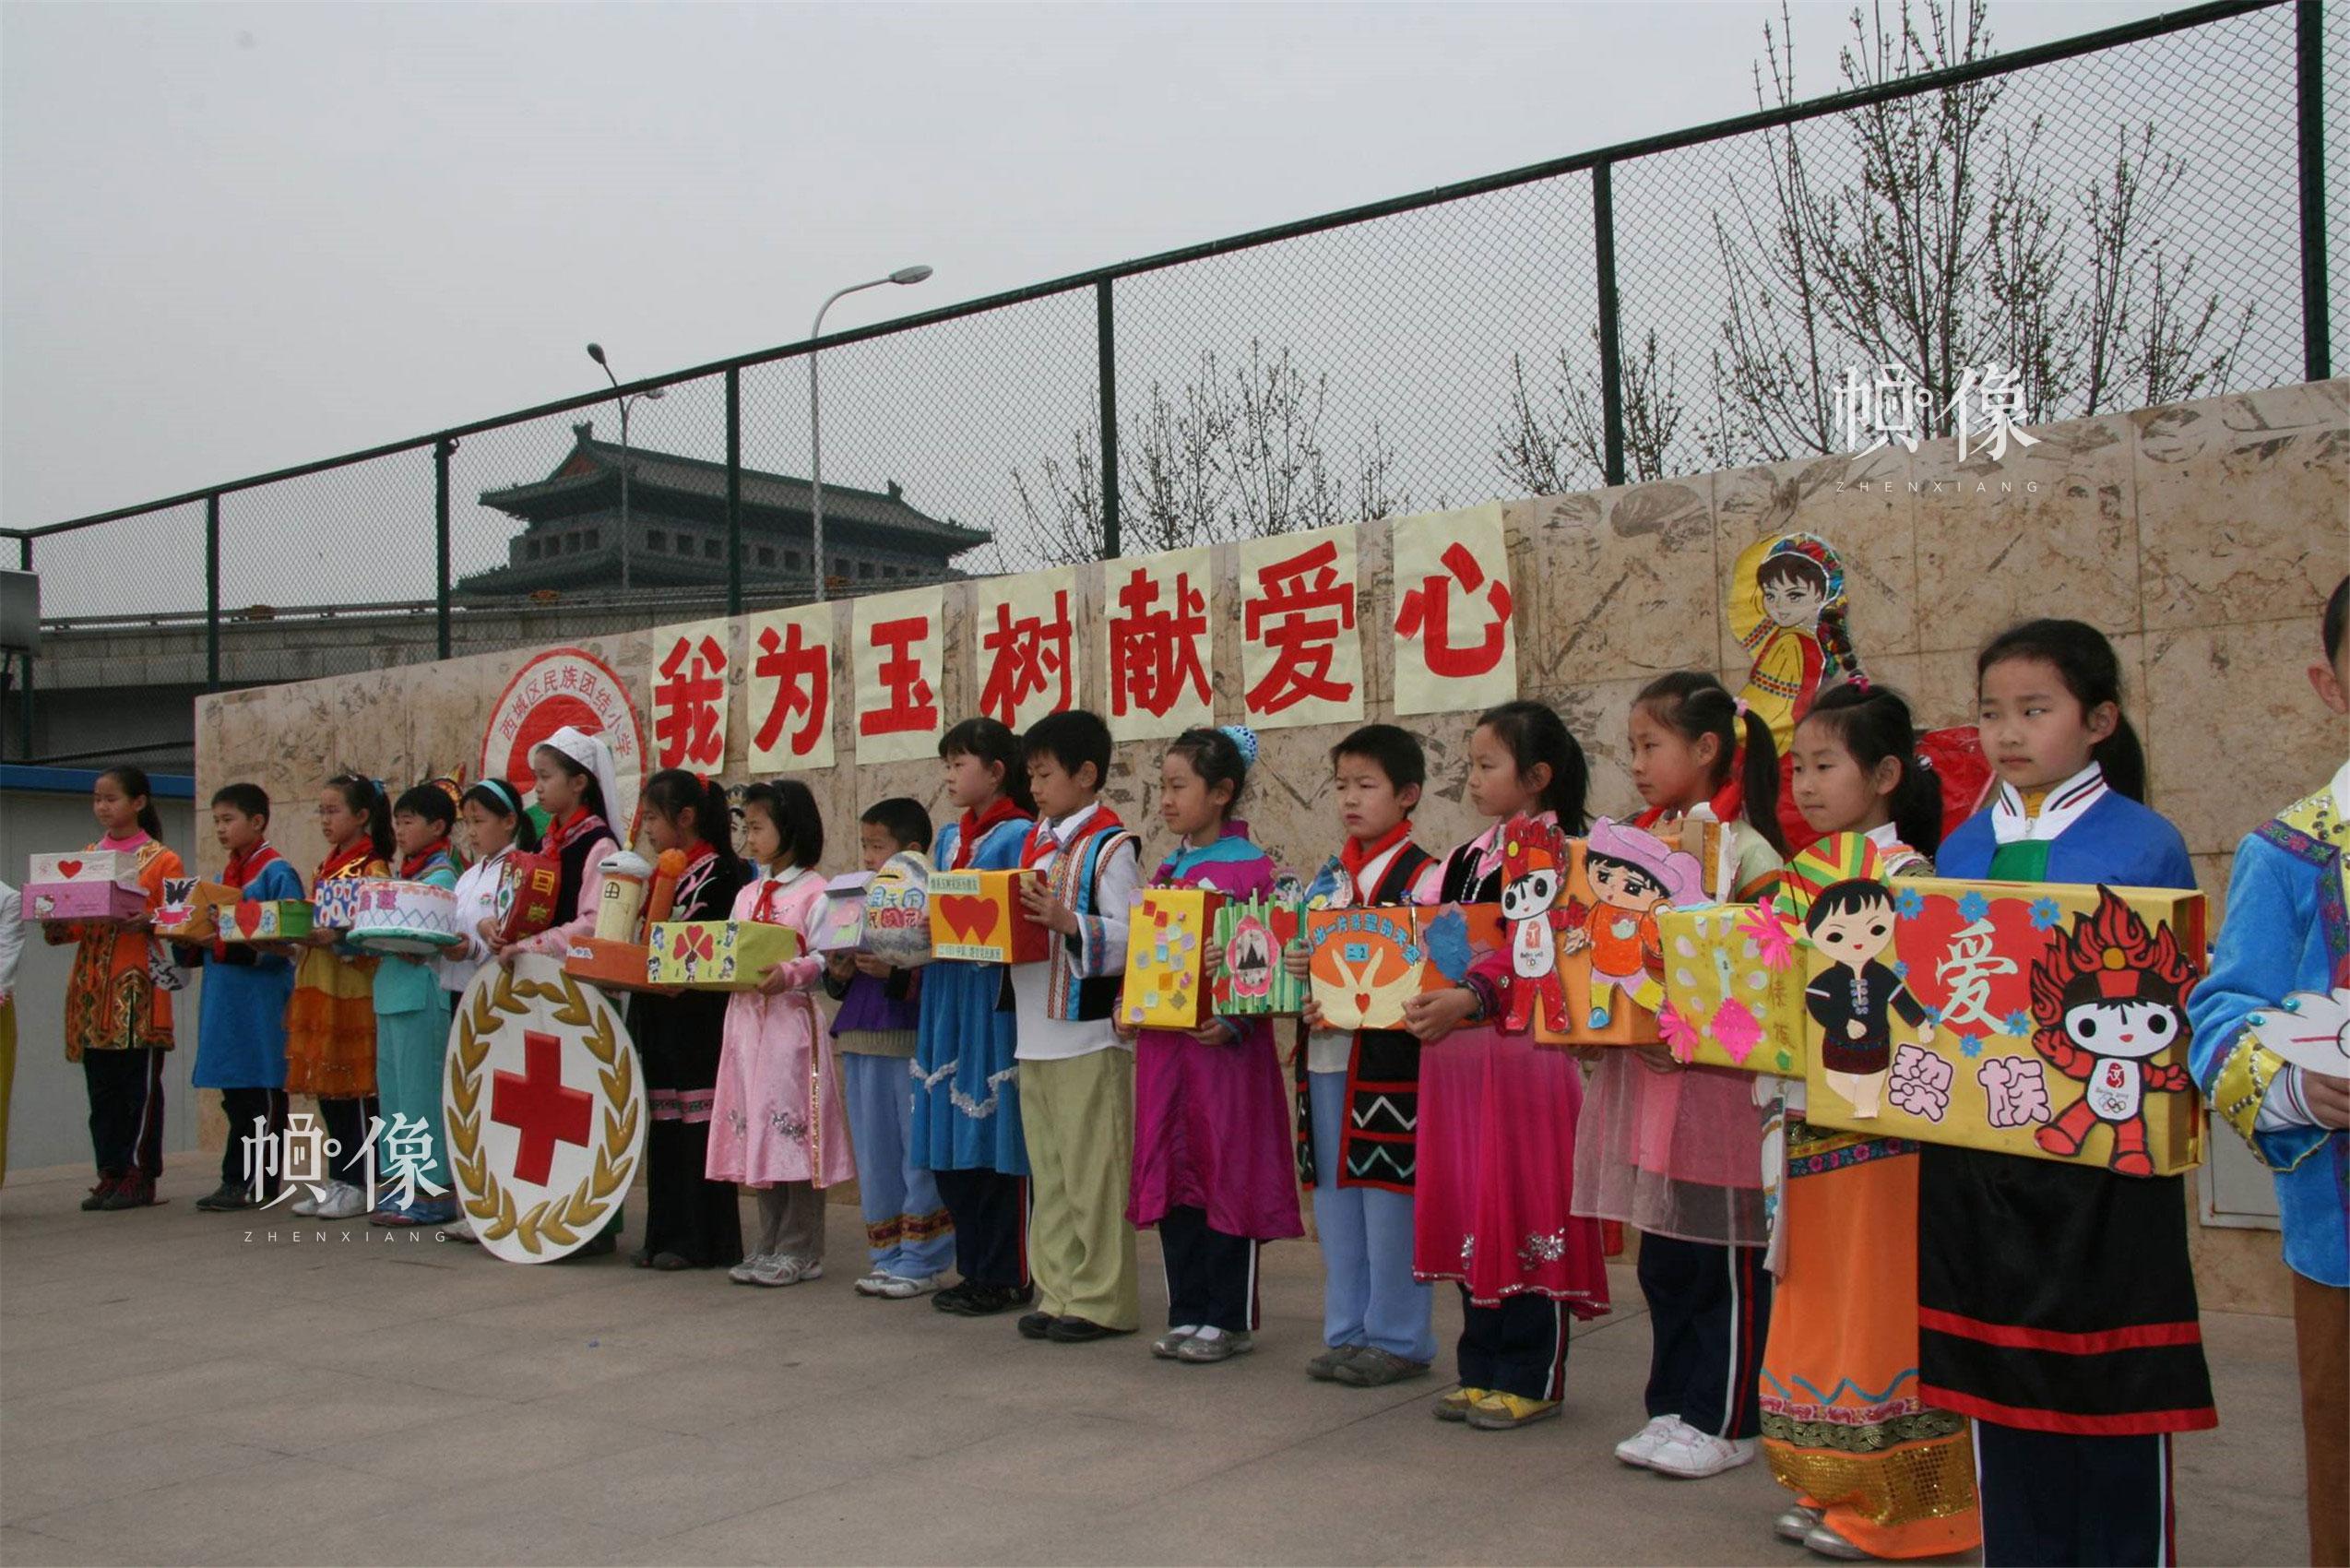 2014年4月23日,玉树地震后,西城区民族团结小学的孩子们为灾区同龄人献爱心。(西城区红十字会供图)